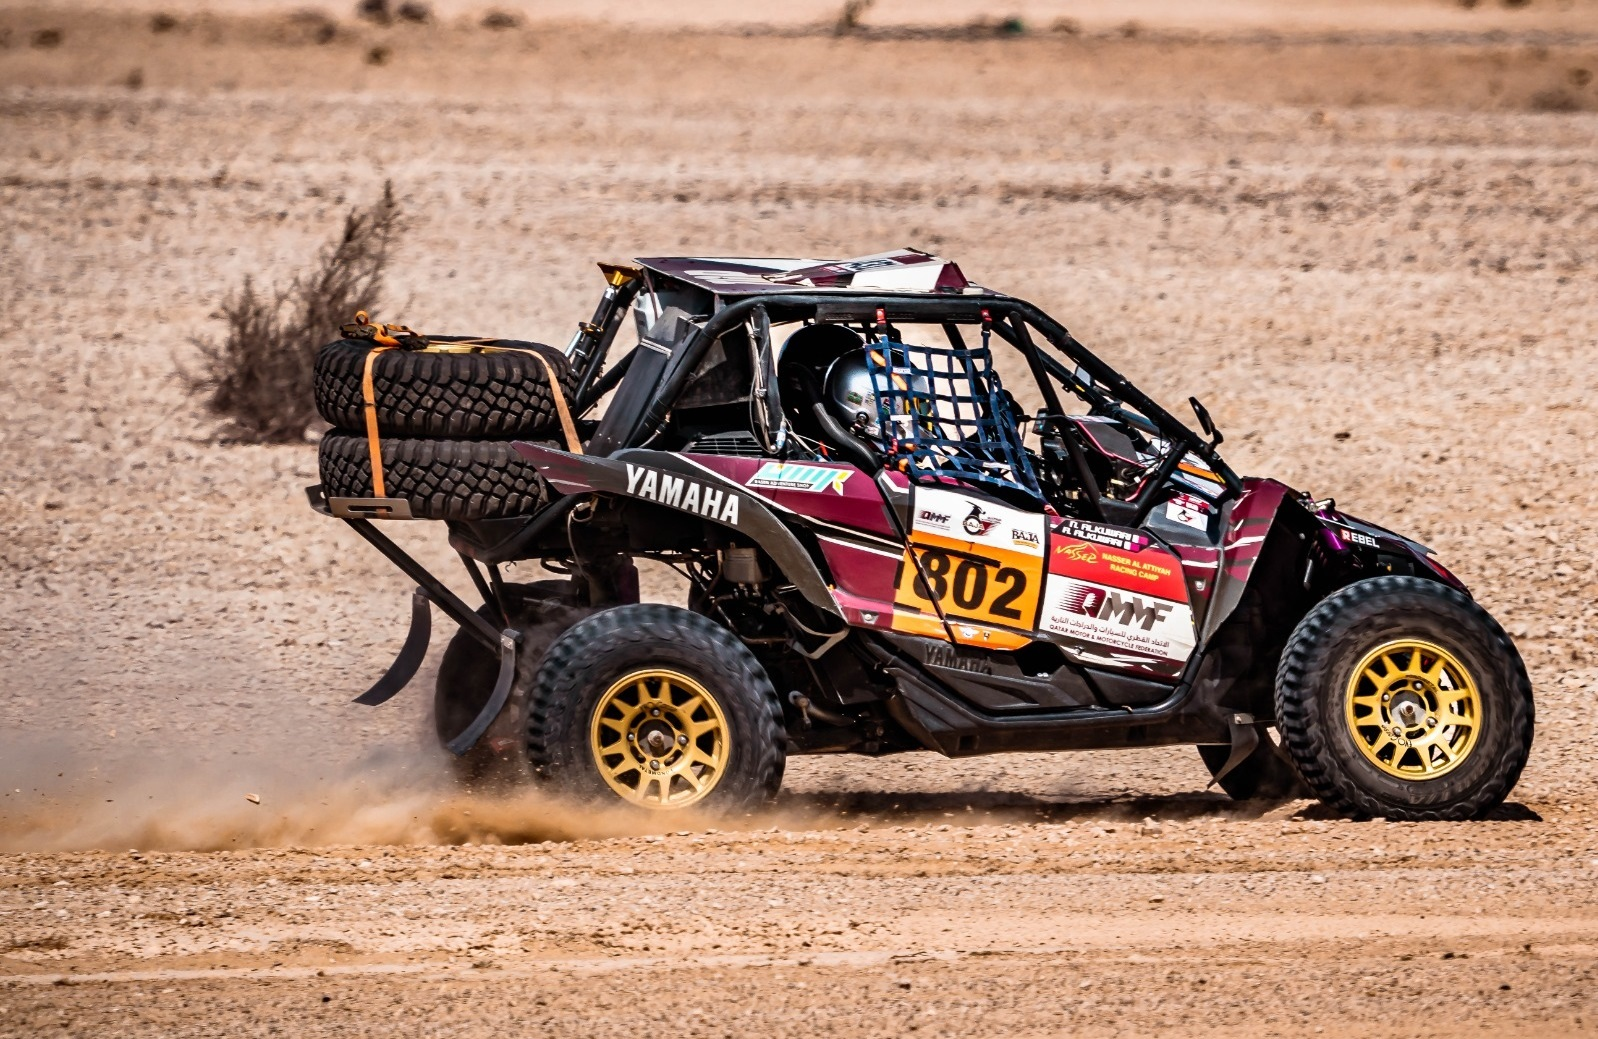 Al Kuwari, Al Tuwaijri, Chalmers Fastest in Qatar International Baja